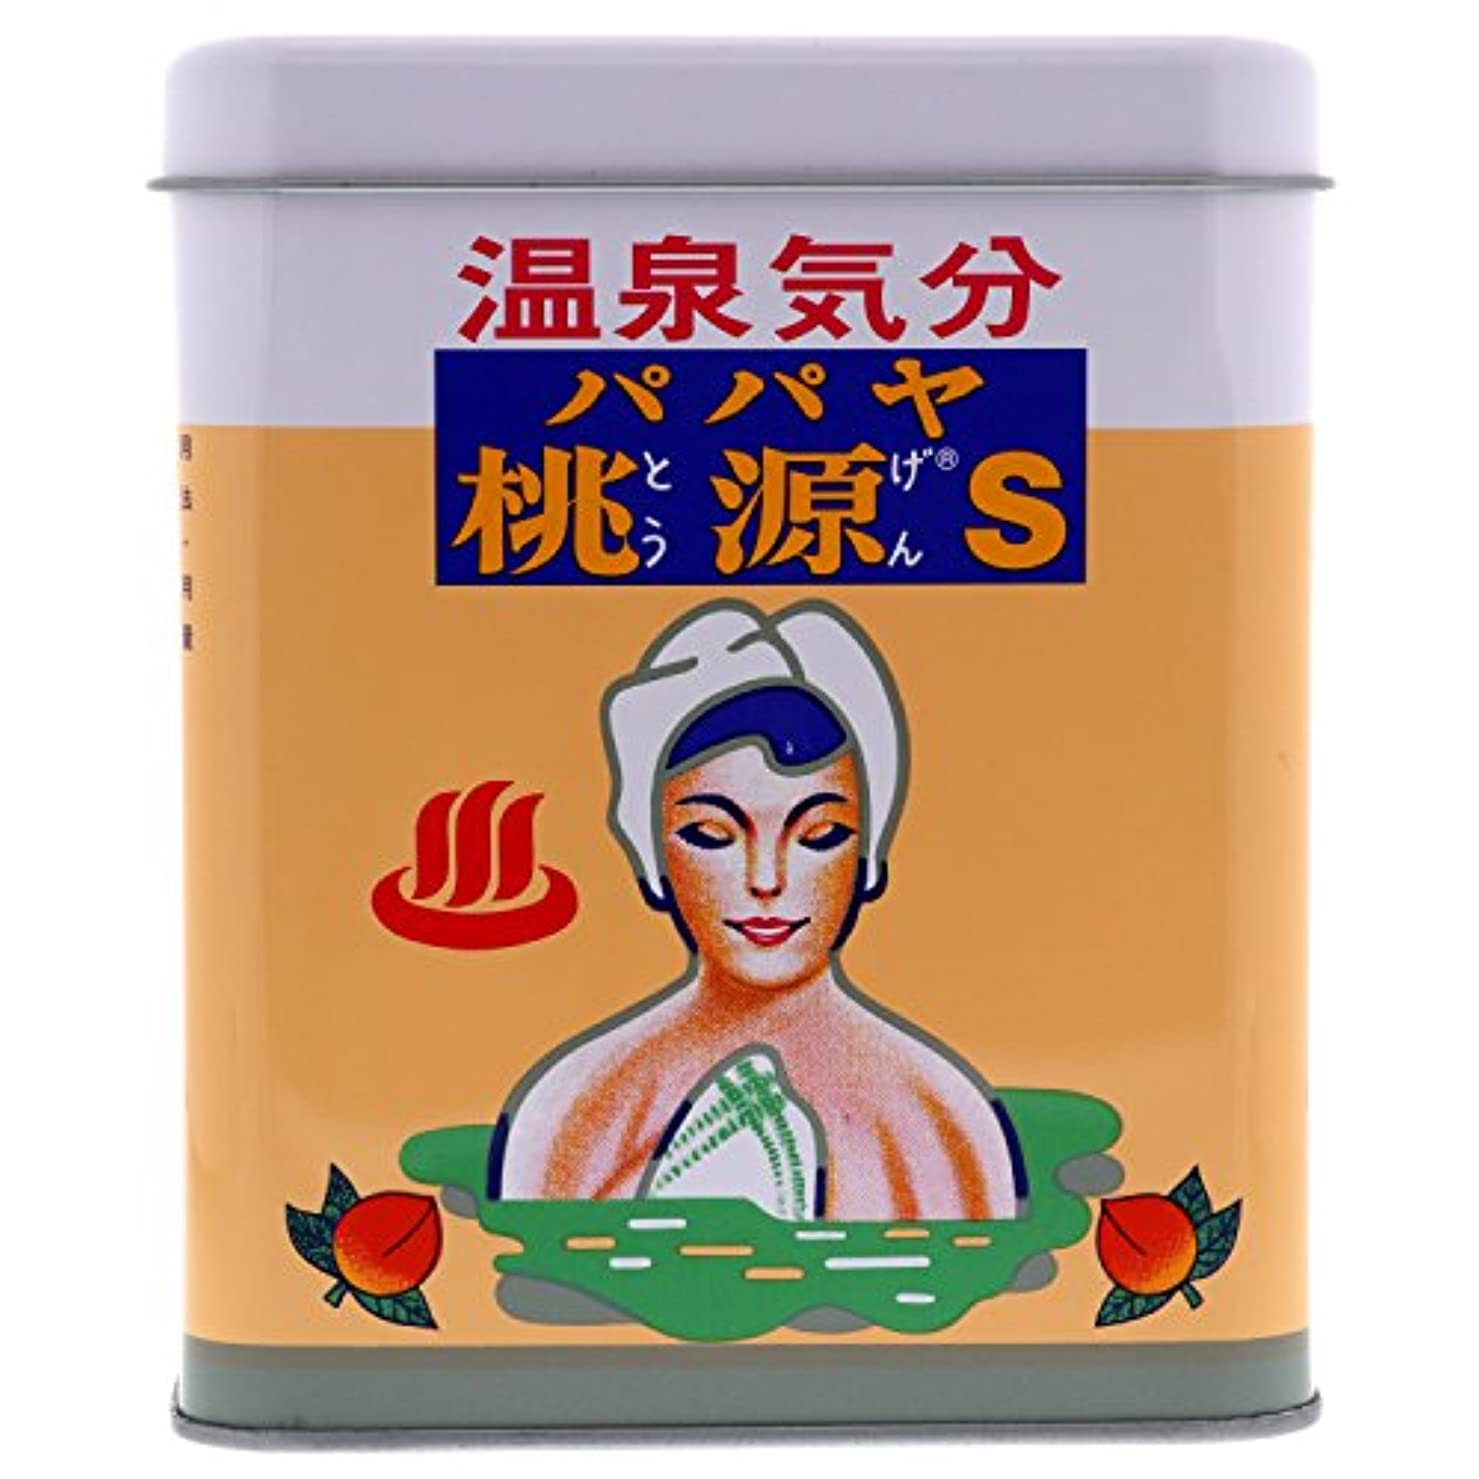 時々時々段落疑わしいパパヤ桃源S 700g 缶 [医薬部外品]